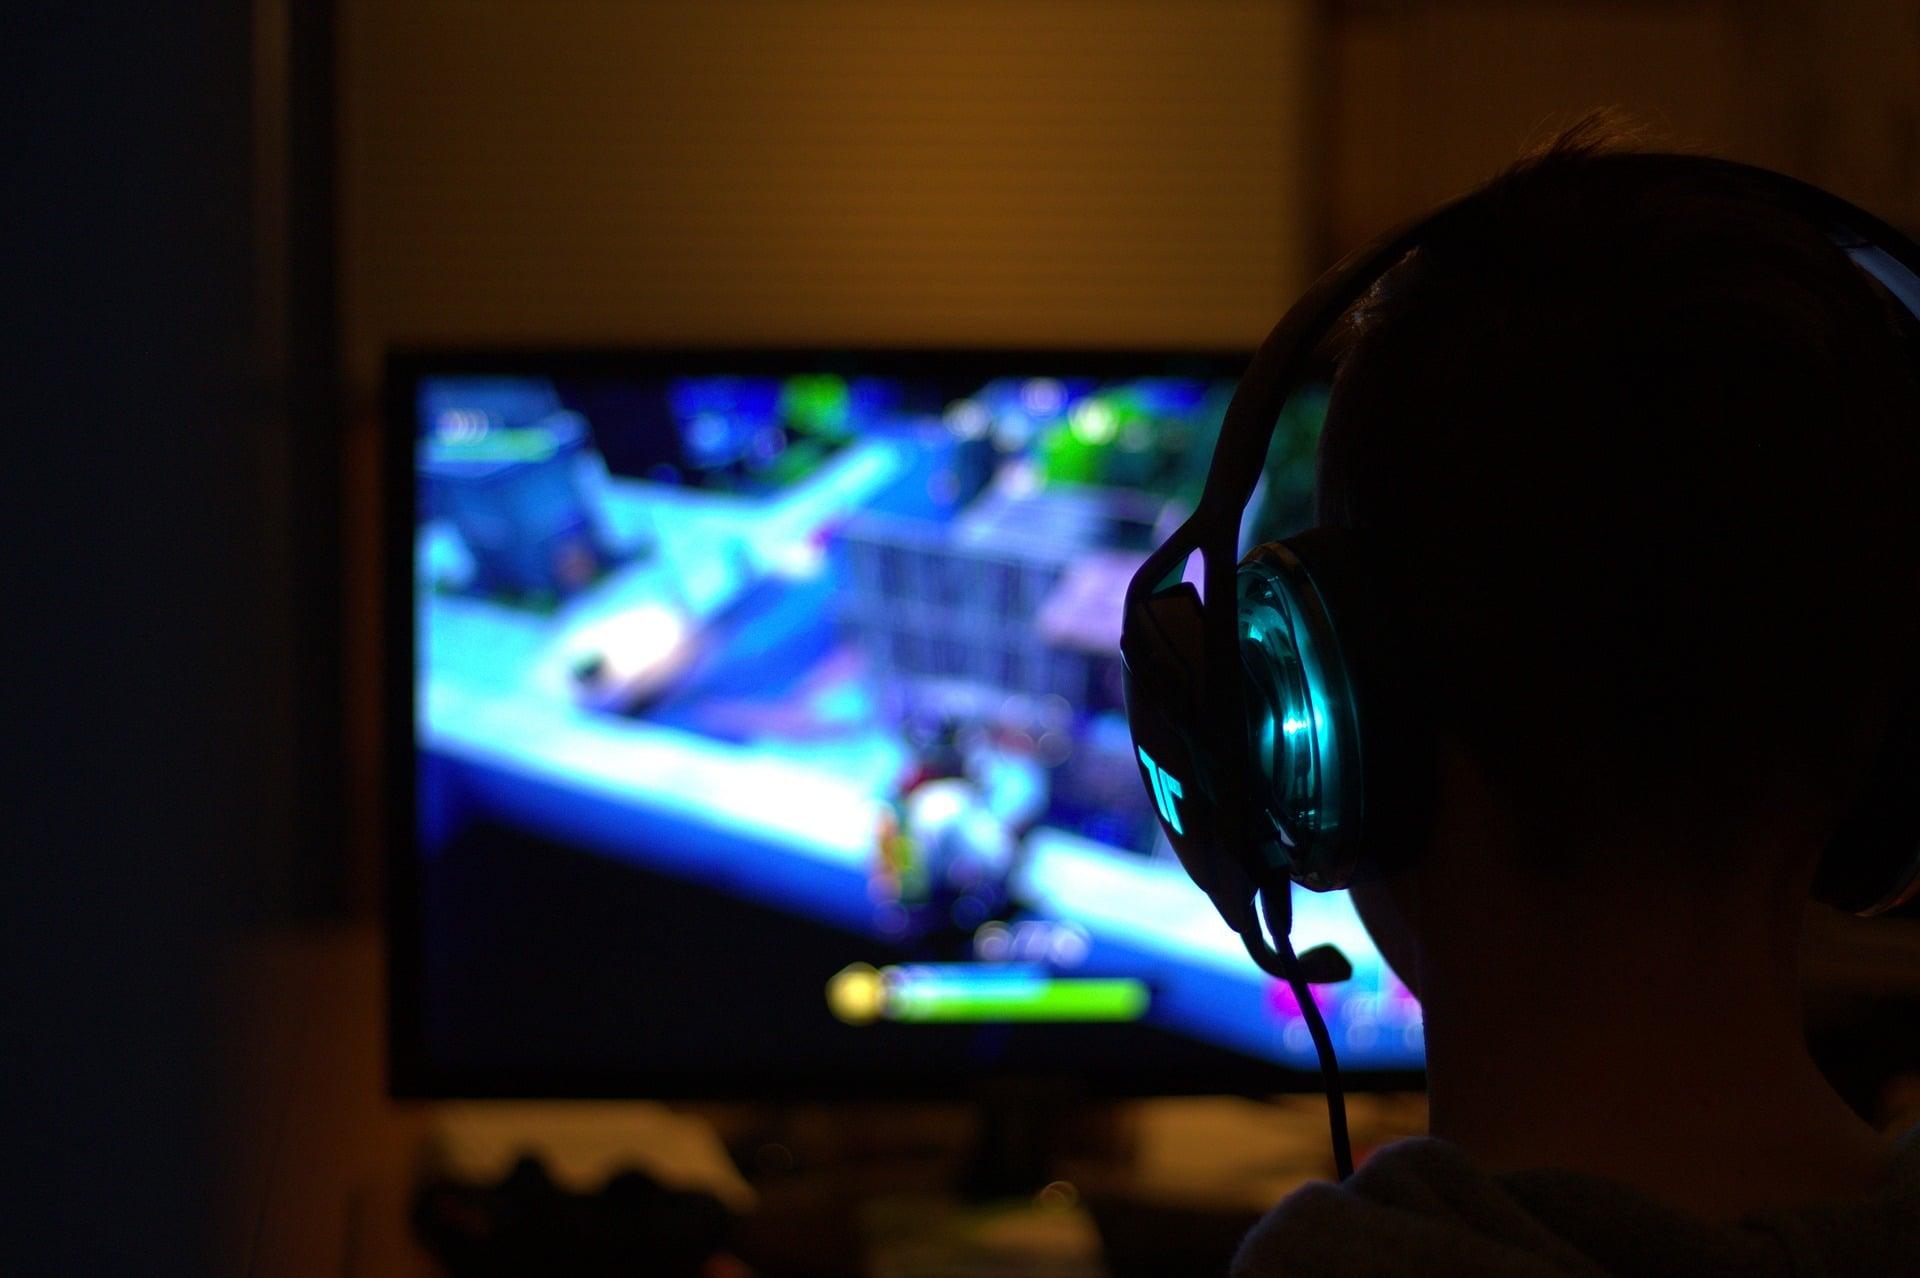 Engagement e gaming: i videogiochi piazze virtuali per l'apprendimento, l'acquisizione di soft skill e la valorizzazione della cultura